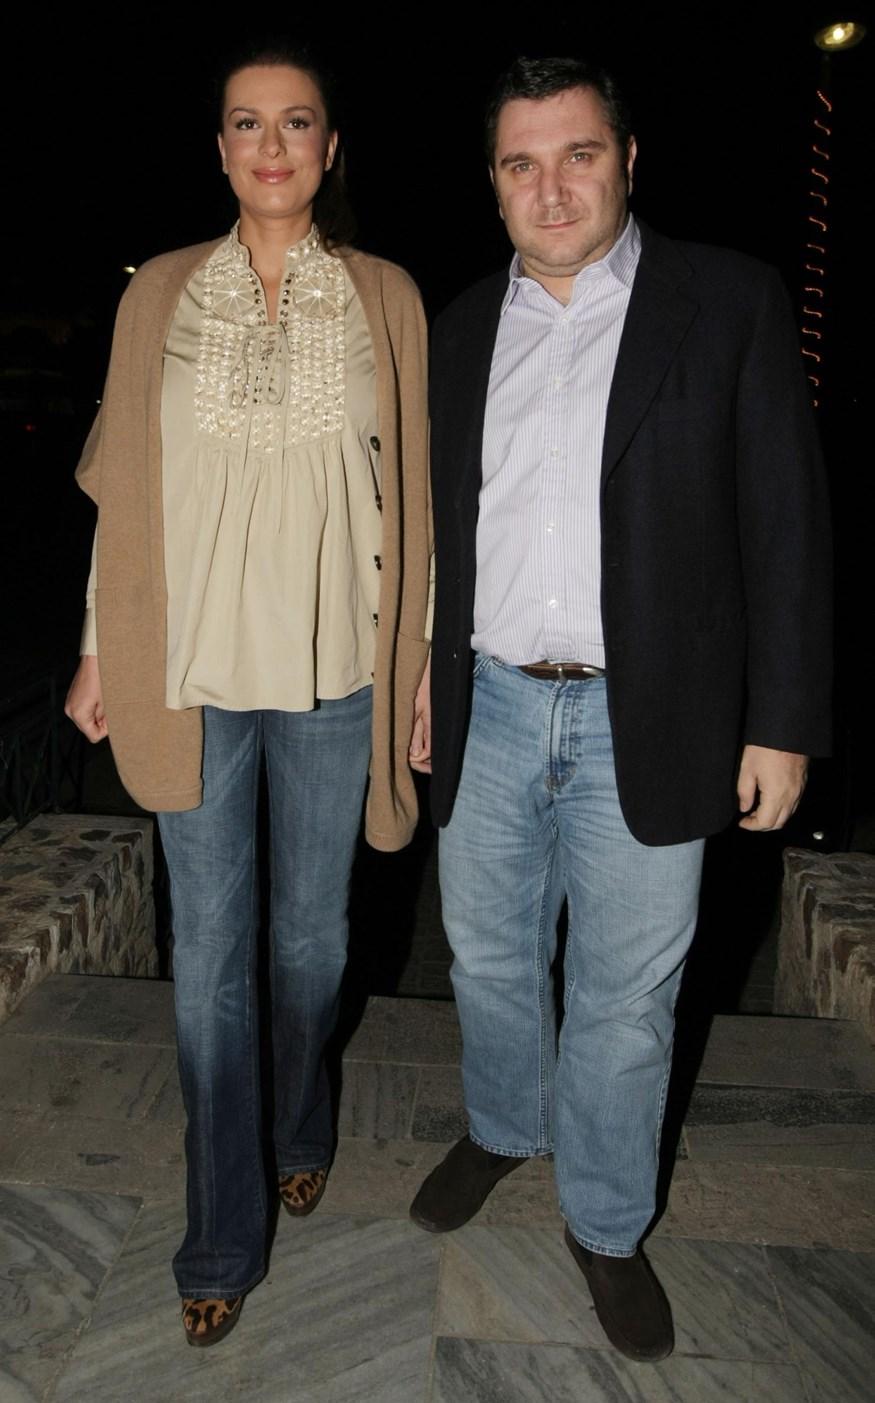 Paparazzi! Νέες φωτογραφίες από την πρώτη επίσημη έξοδο του Παύλου Βαρδινογιάννη, μετά τον χωρισμό από τη Τζίνα Αλιμόνου!